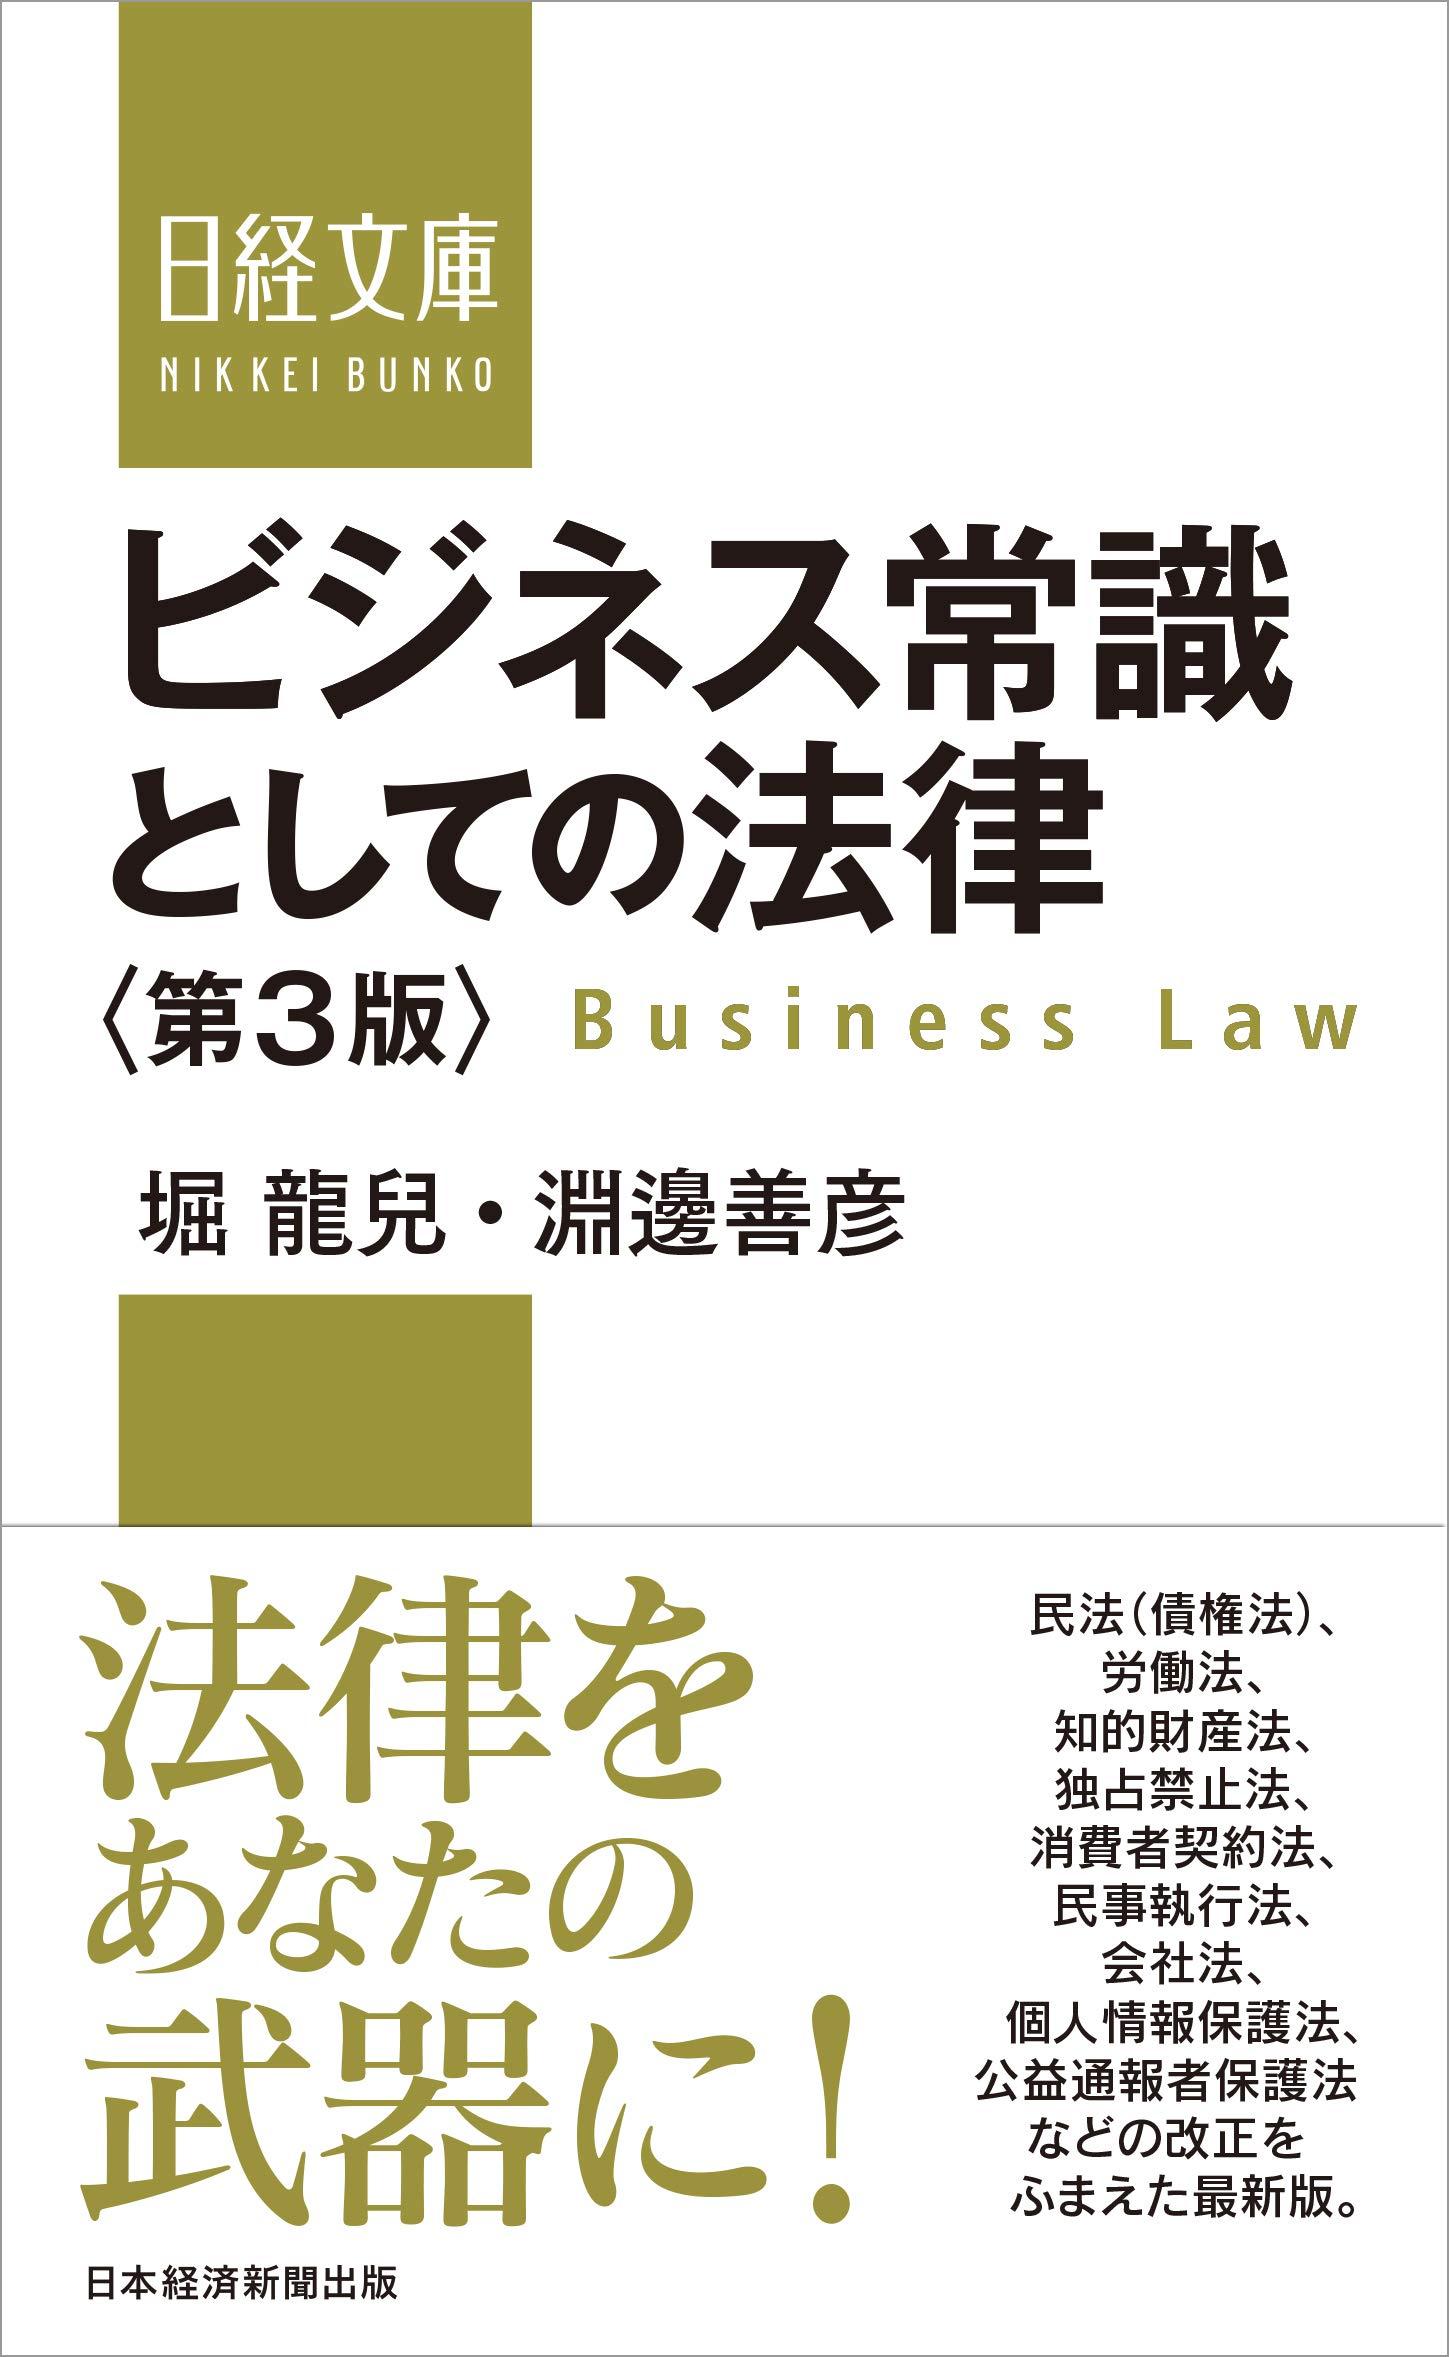 セミナーのご案内:ベンチャー企業・中小企業とのM&A・資本提携 ~ミニマムデューディリジェンスの勧め~